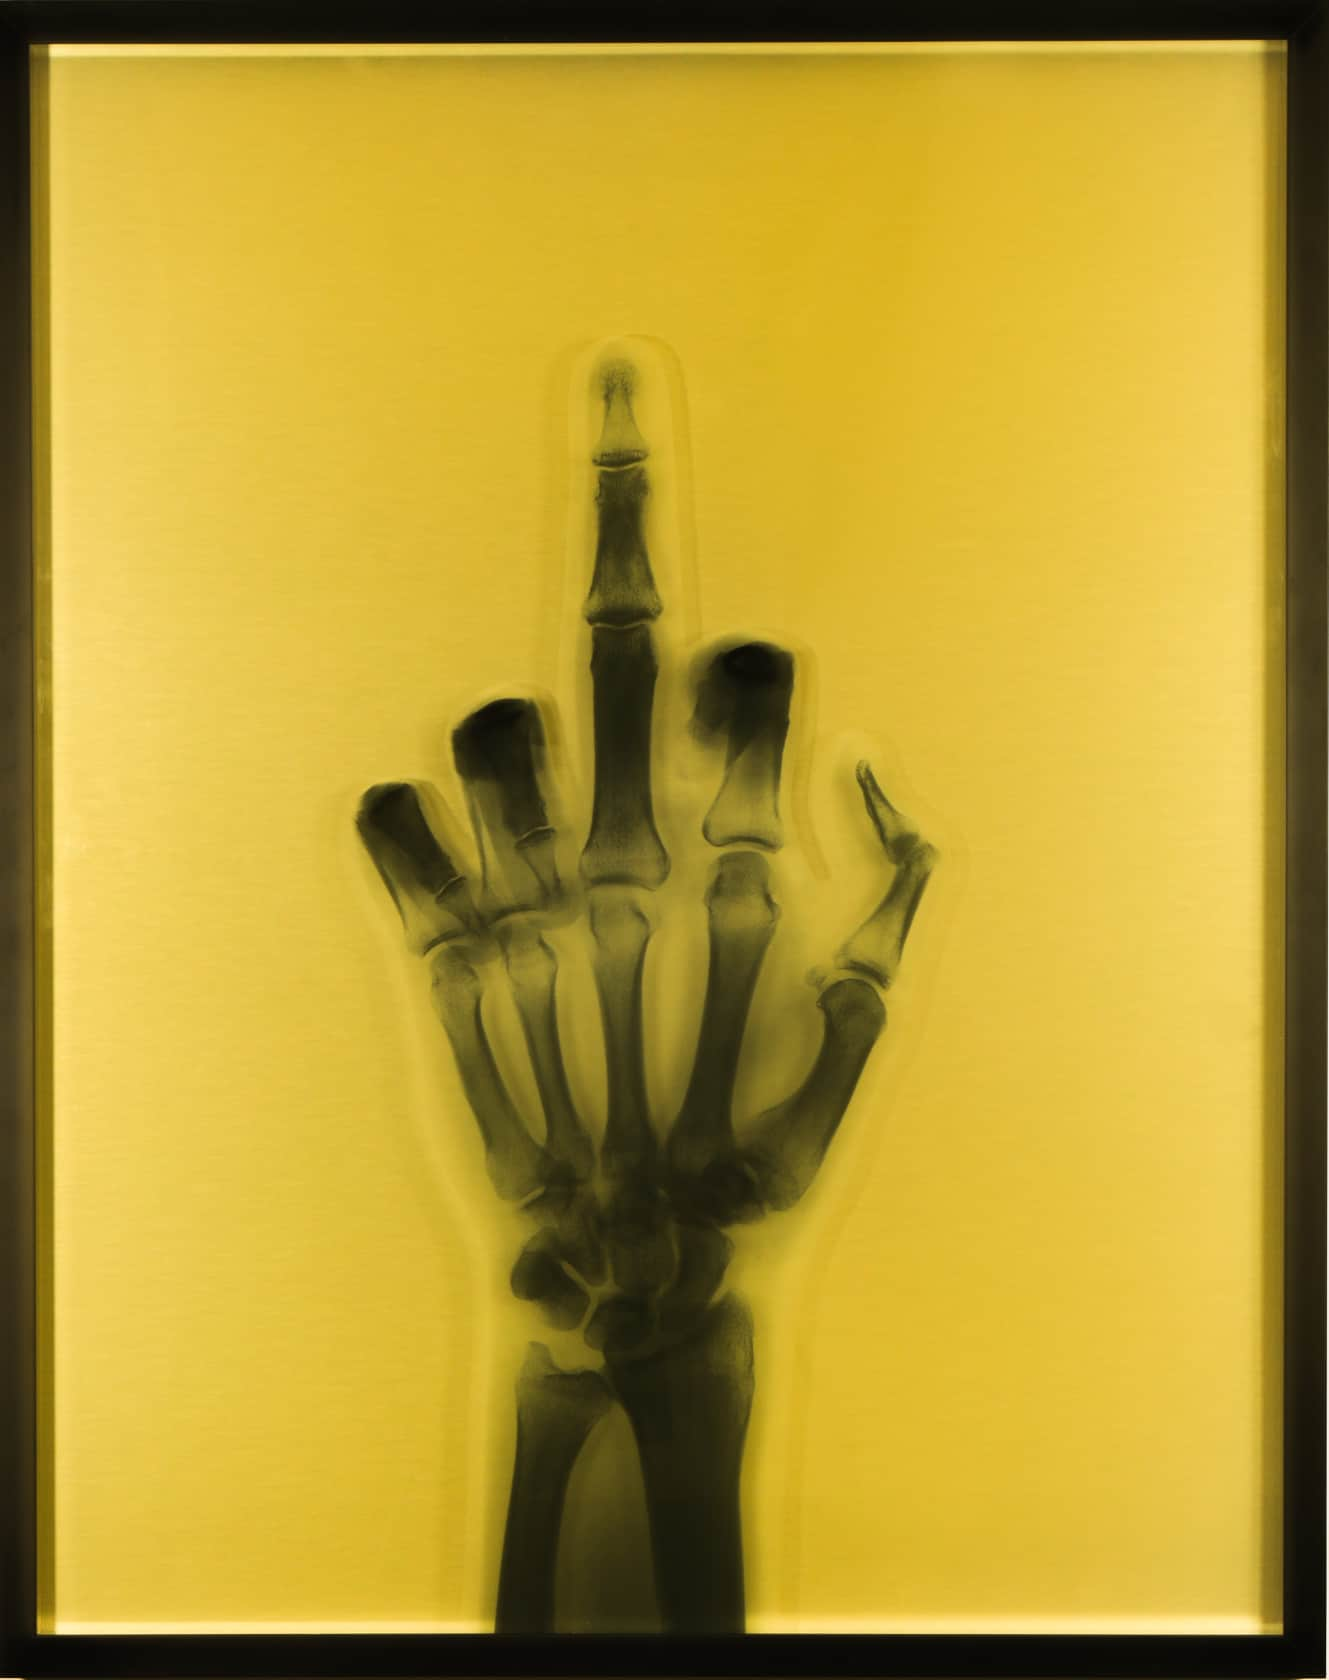 Nick Veasey, Gold Finger, 2021